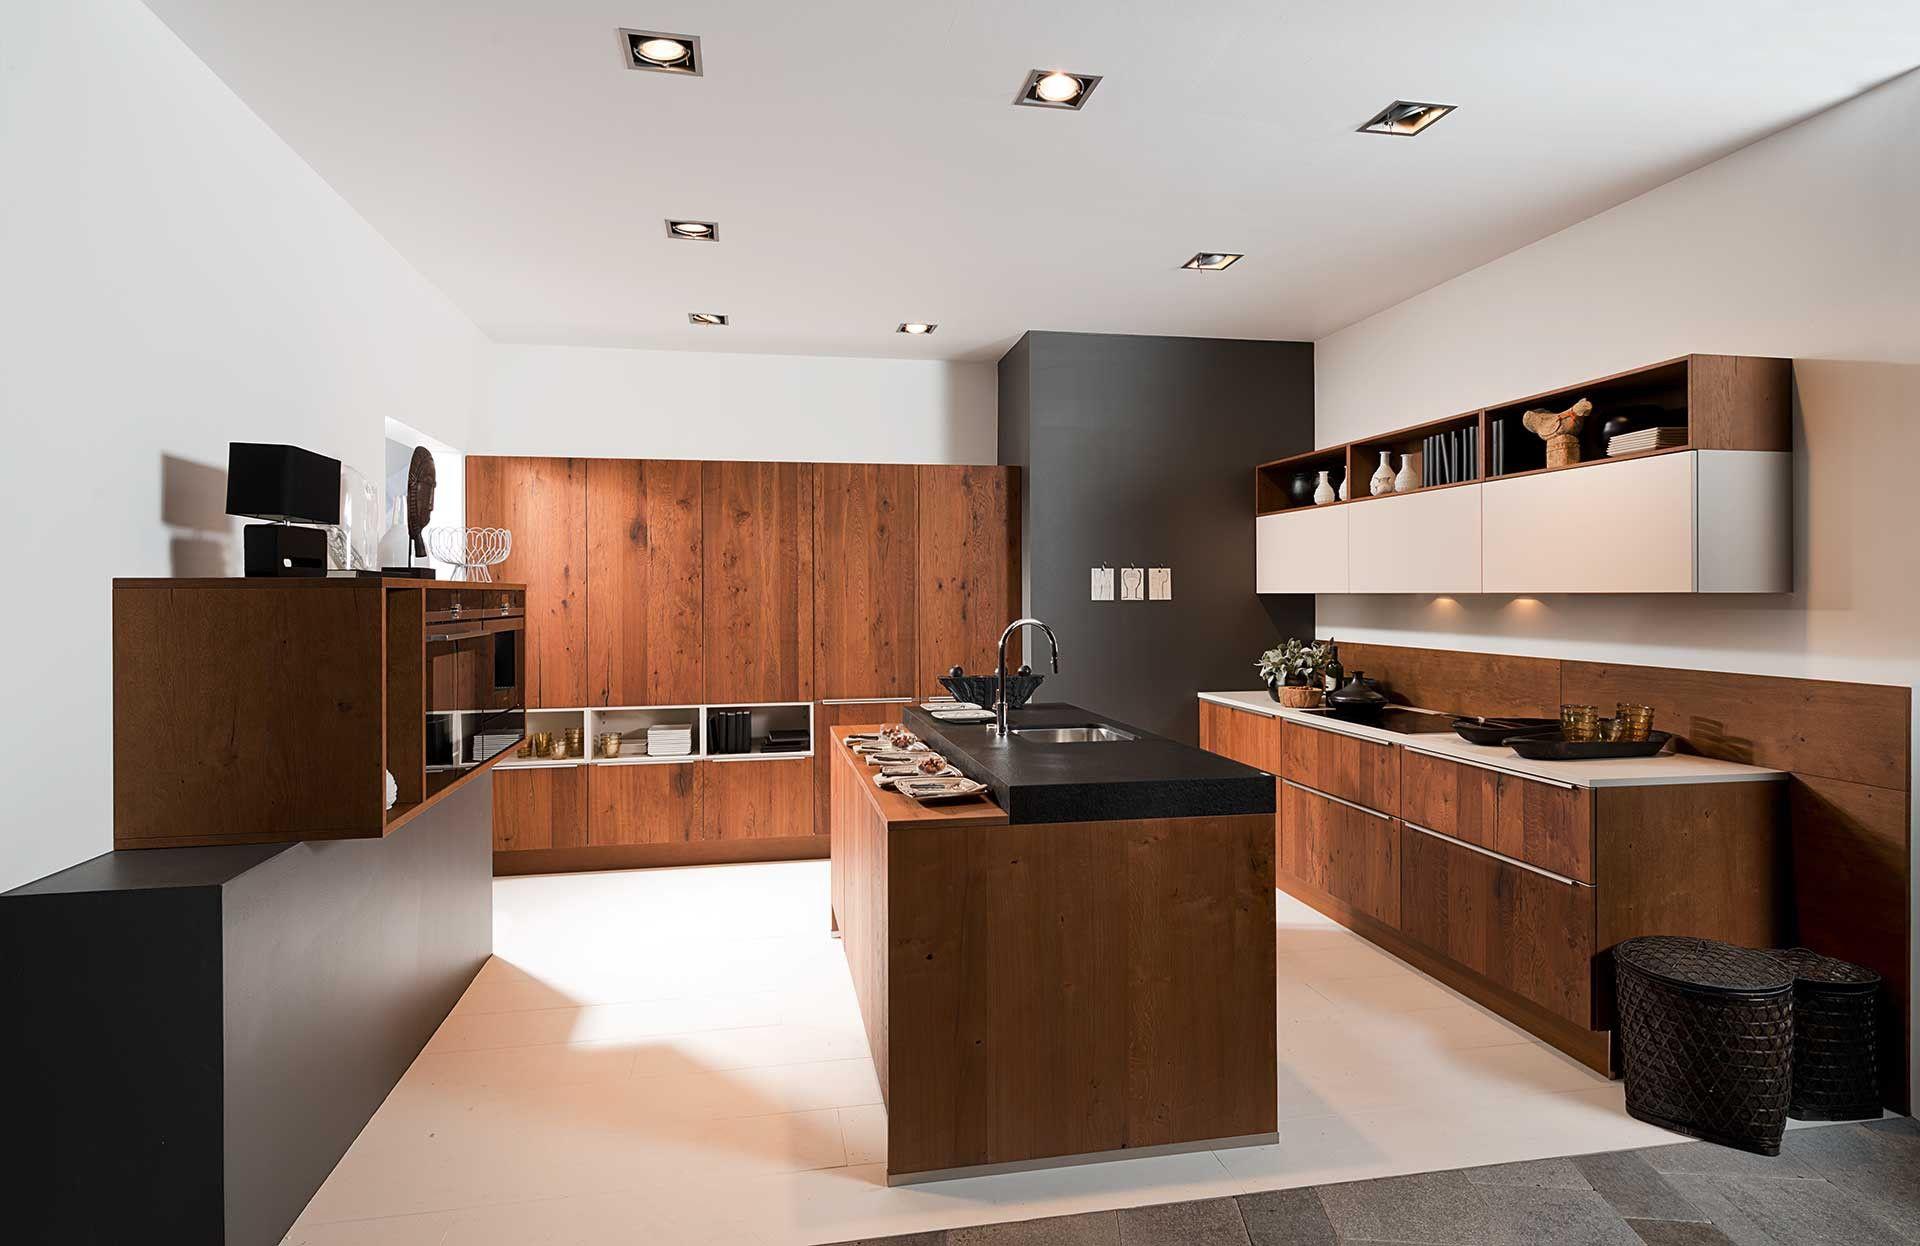 Moderne keuken in tricolor deze moderne keuken valt op door het